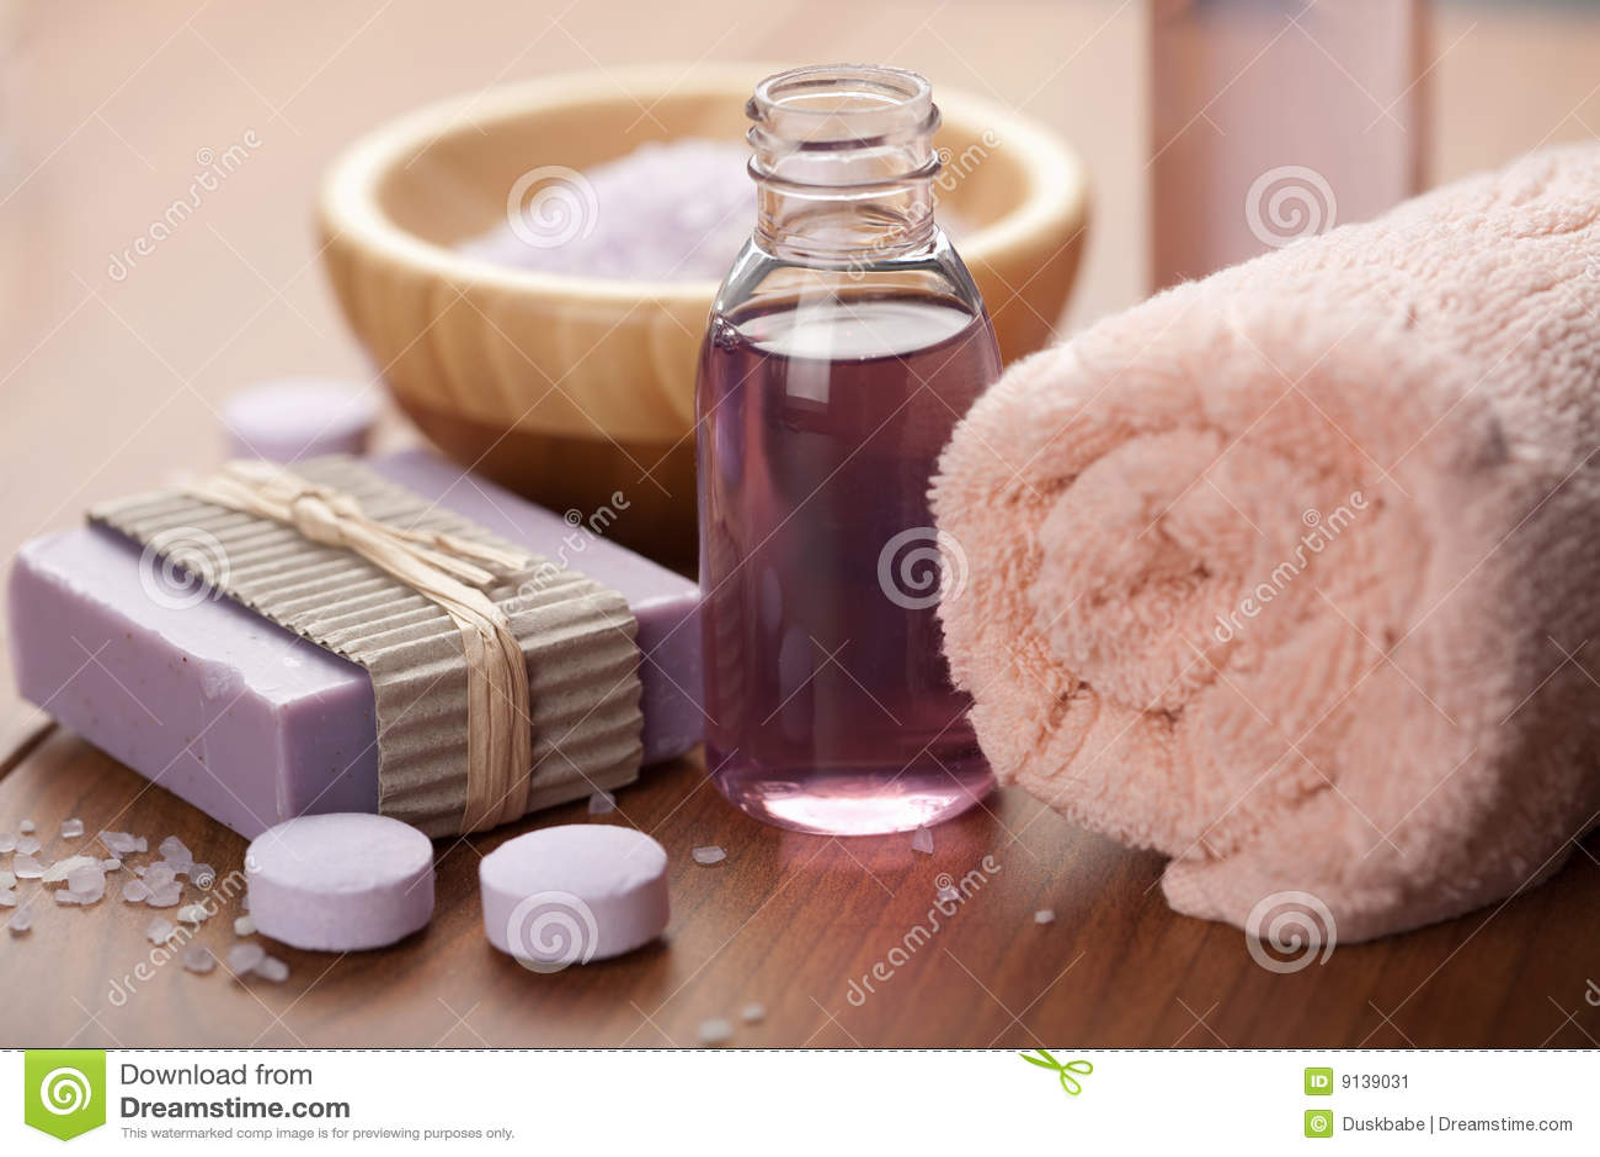 Petróleo esencial y jabón herbario. cuidado del balneario y de la carrocería